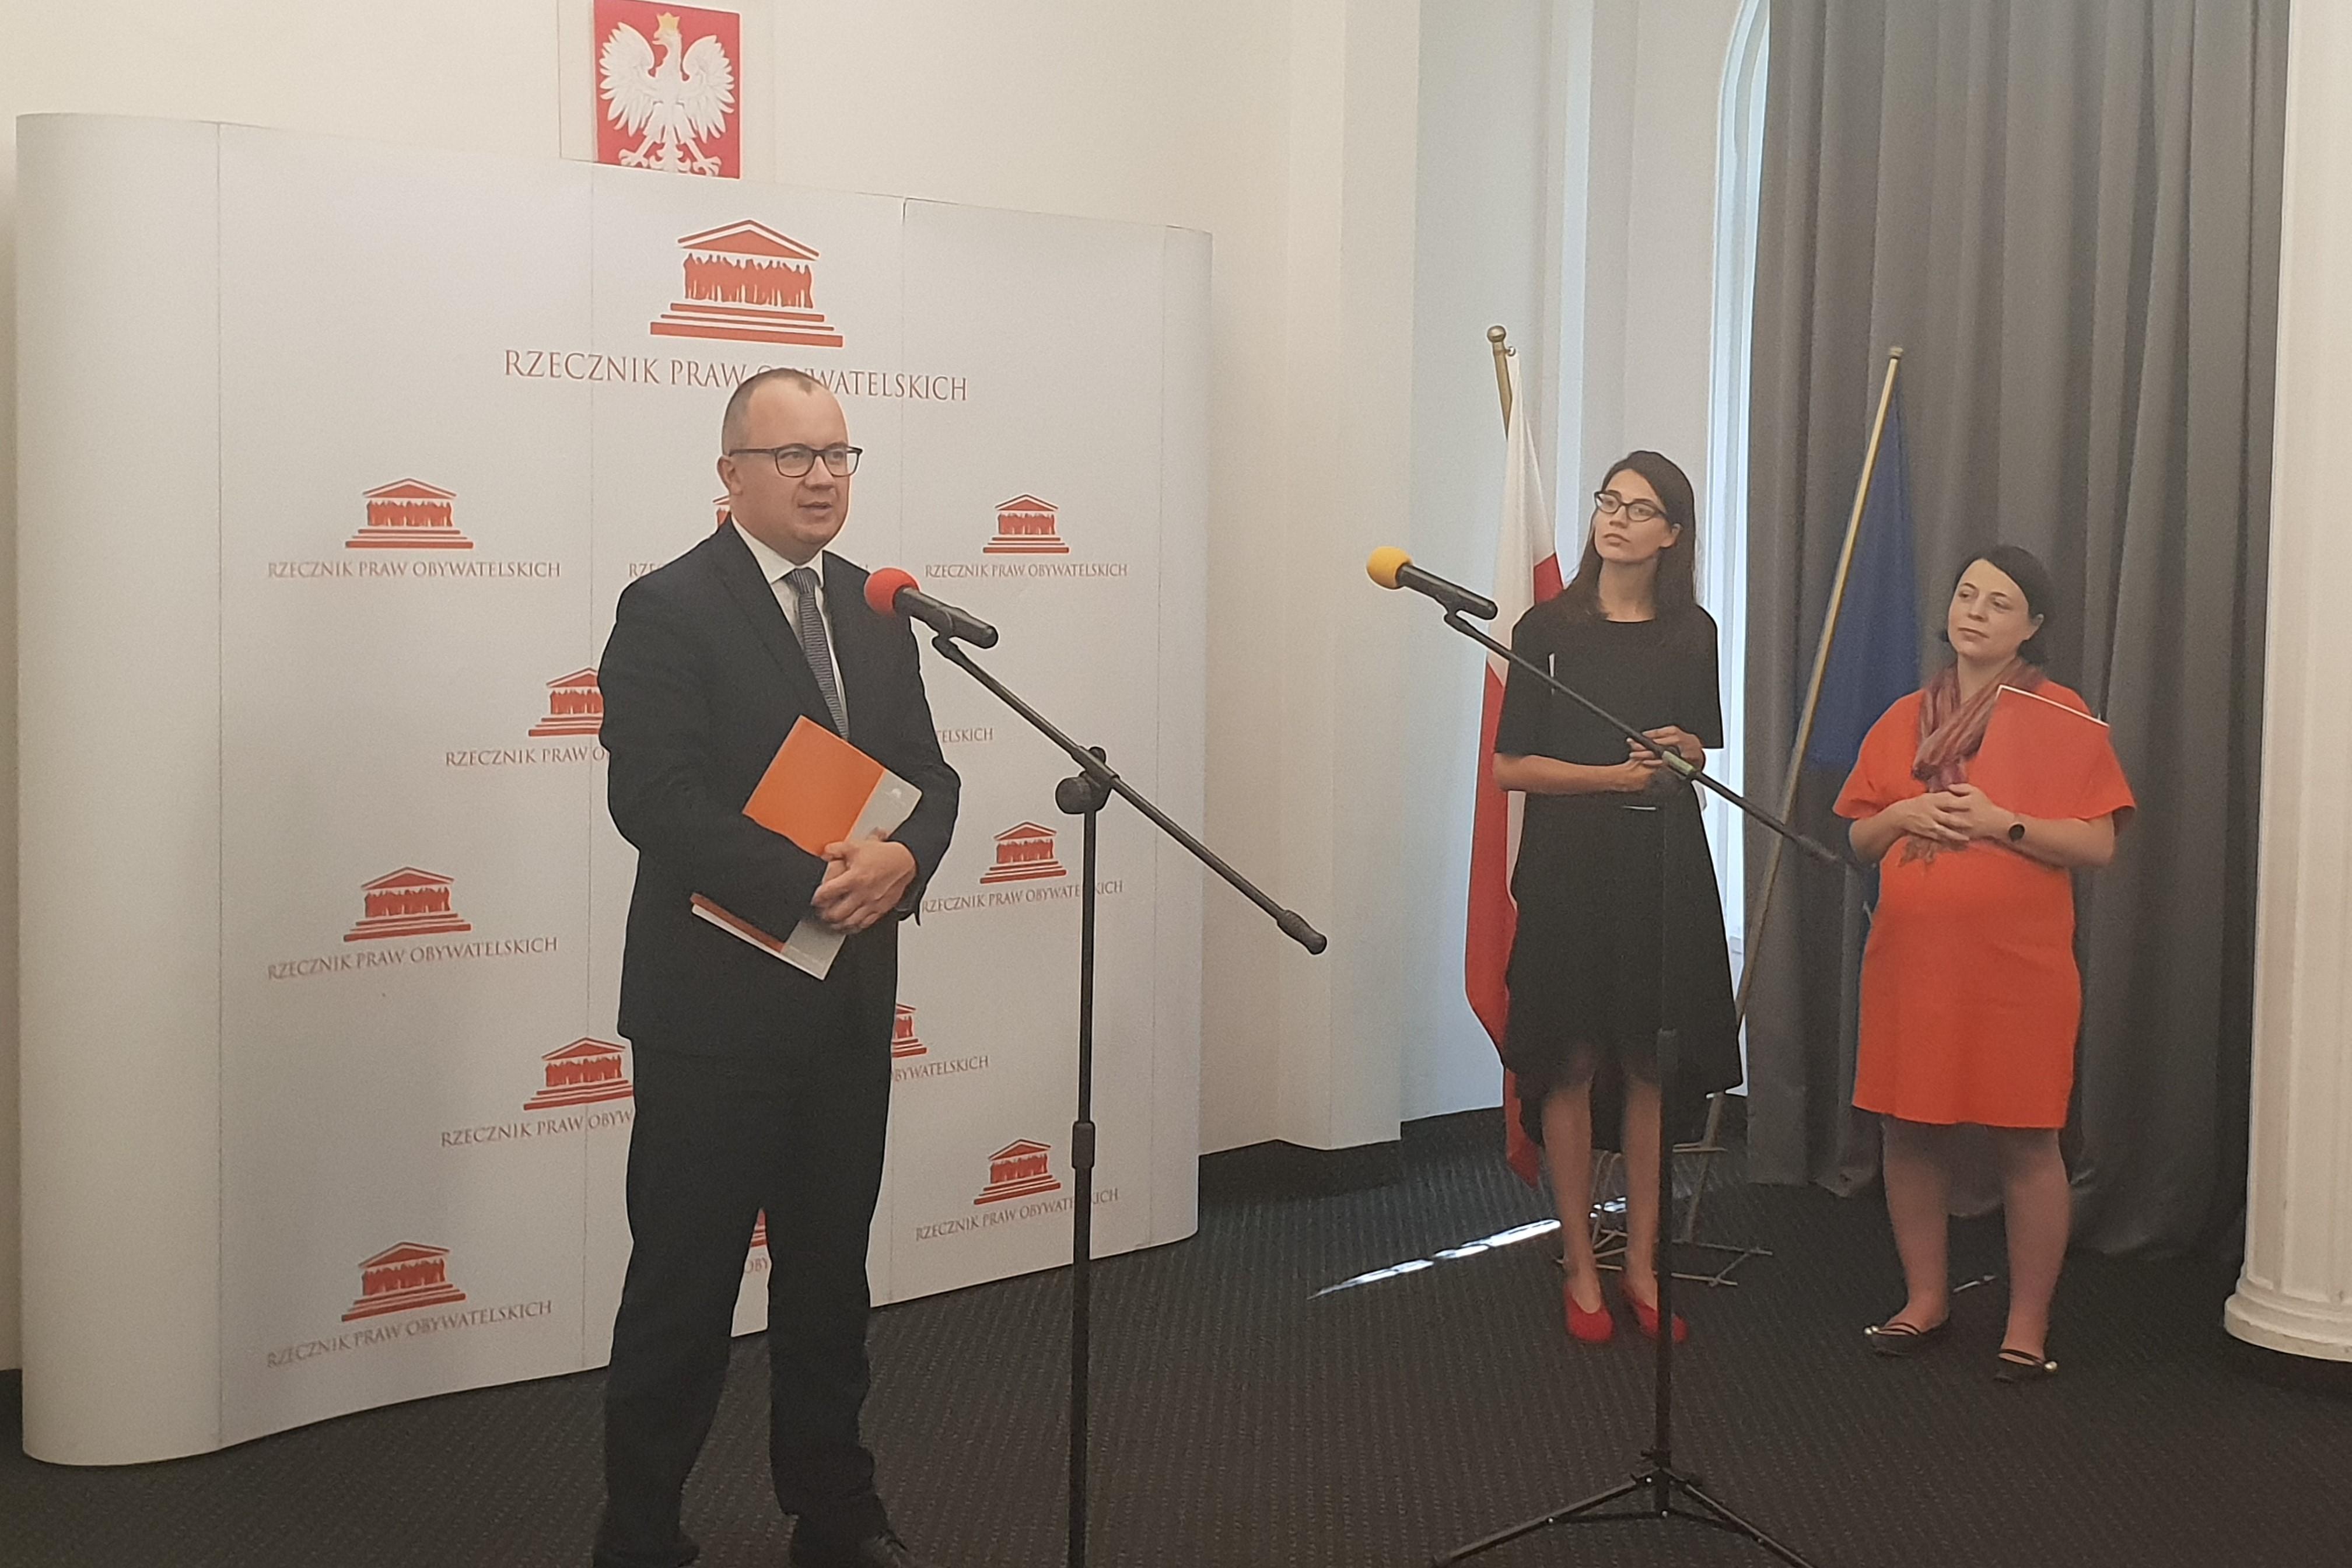 Briefing prasowy z udziałem RPO Adama Bodnara i ekspertek z Zespołu ds. Równego Traktowania